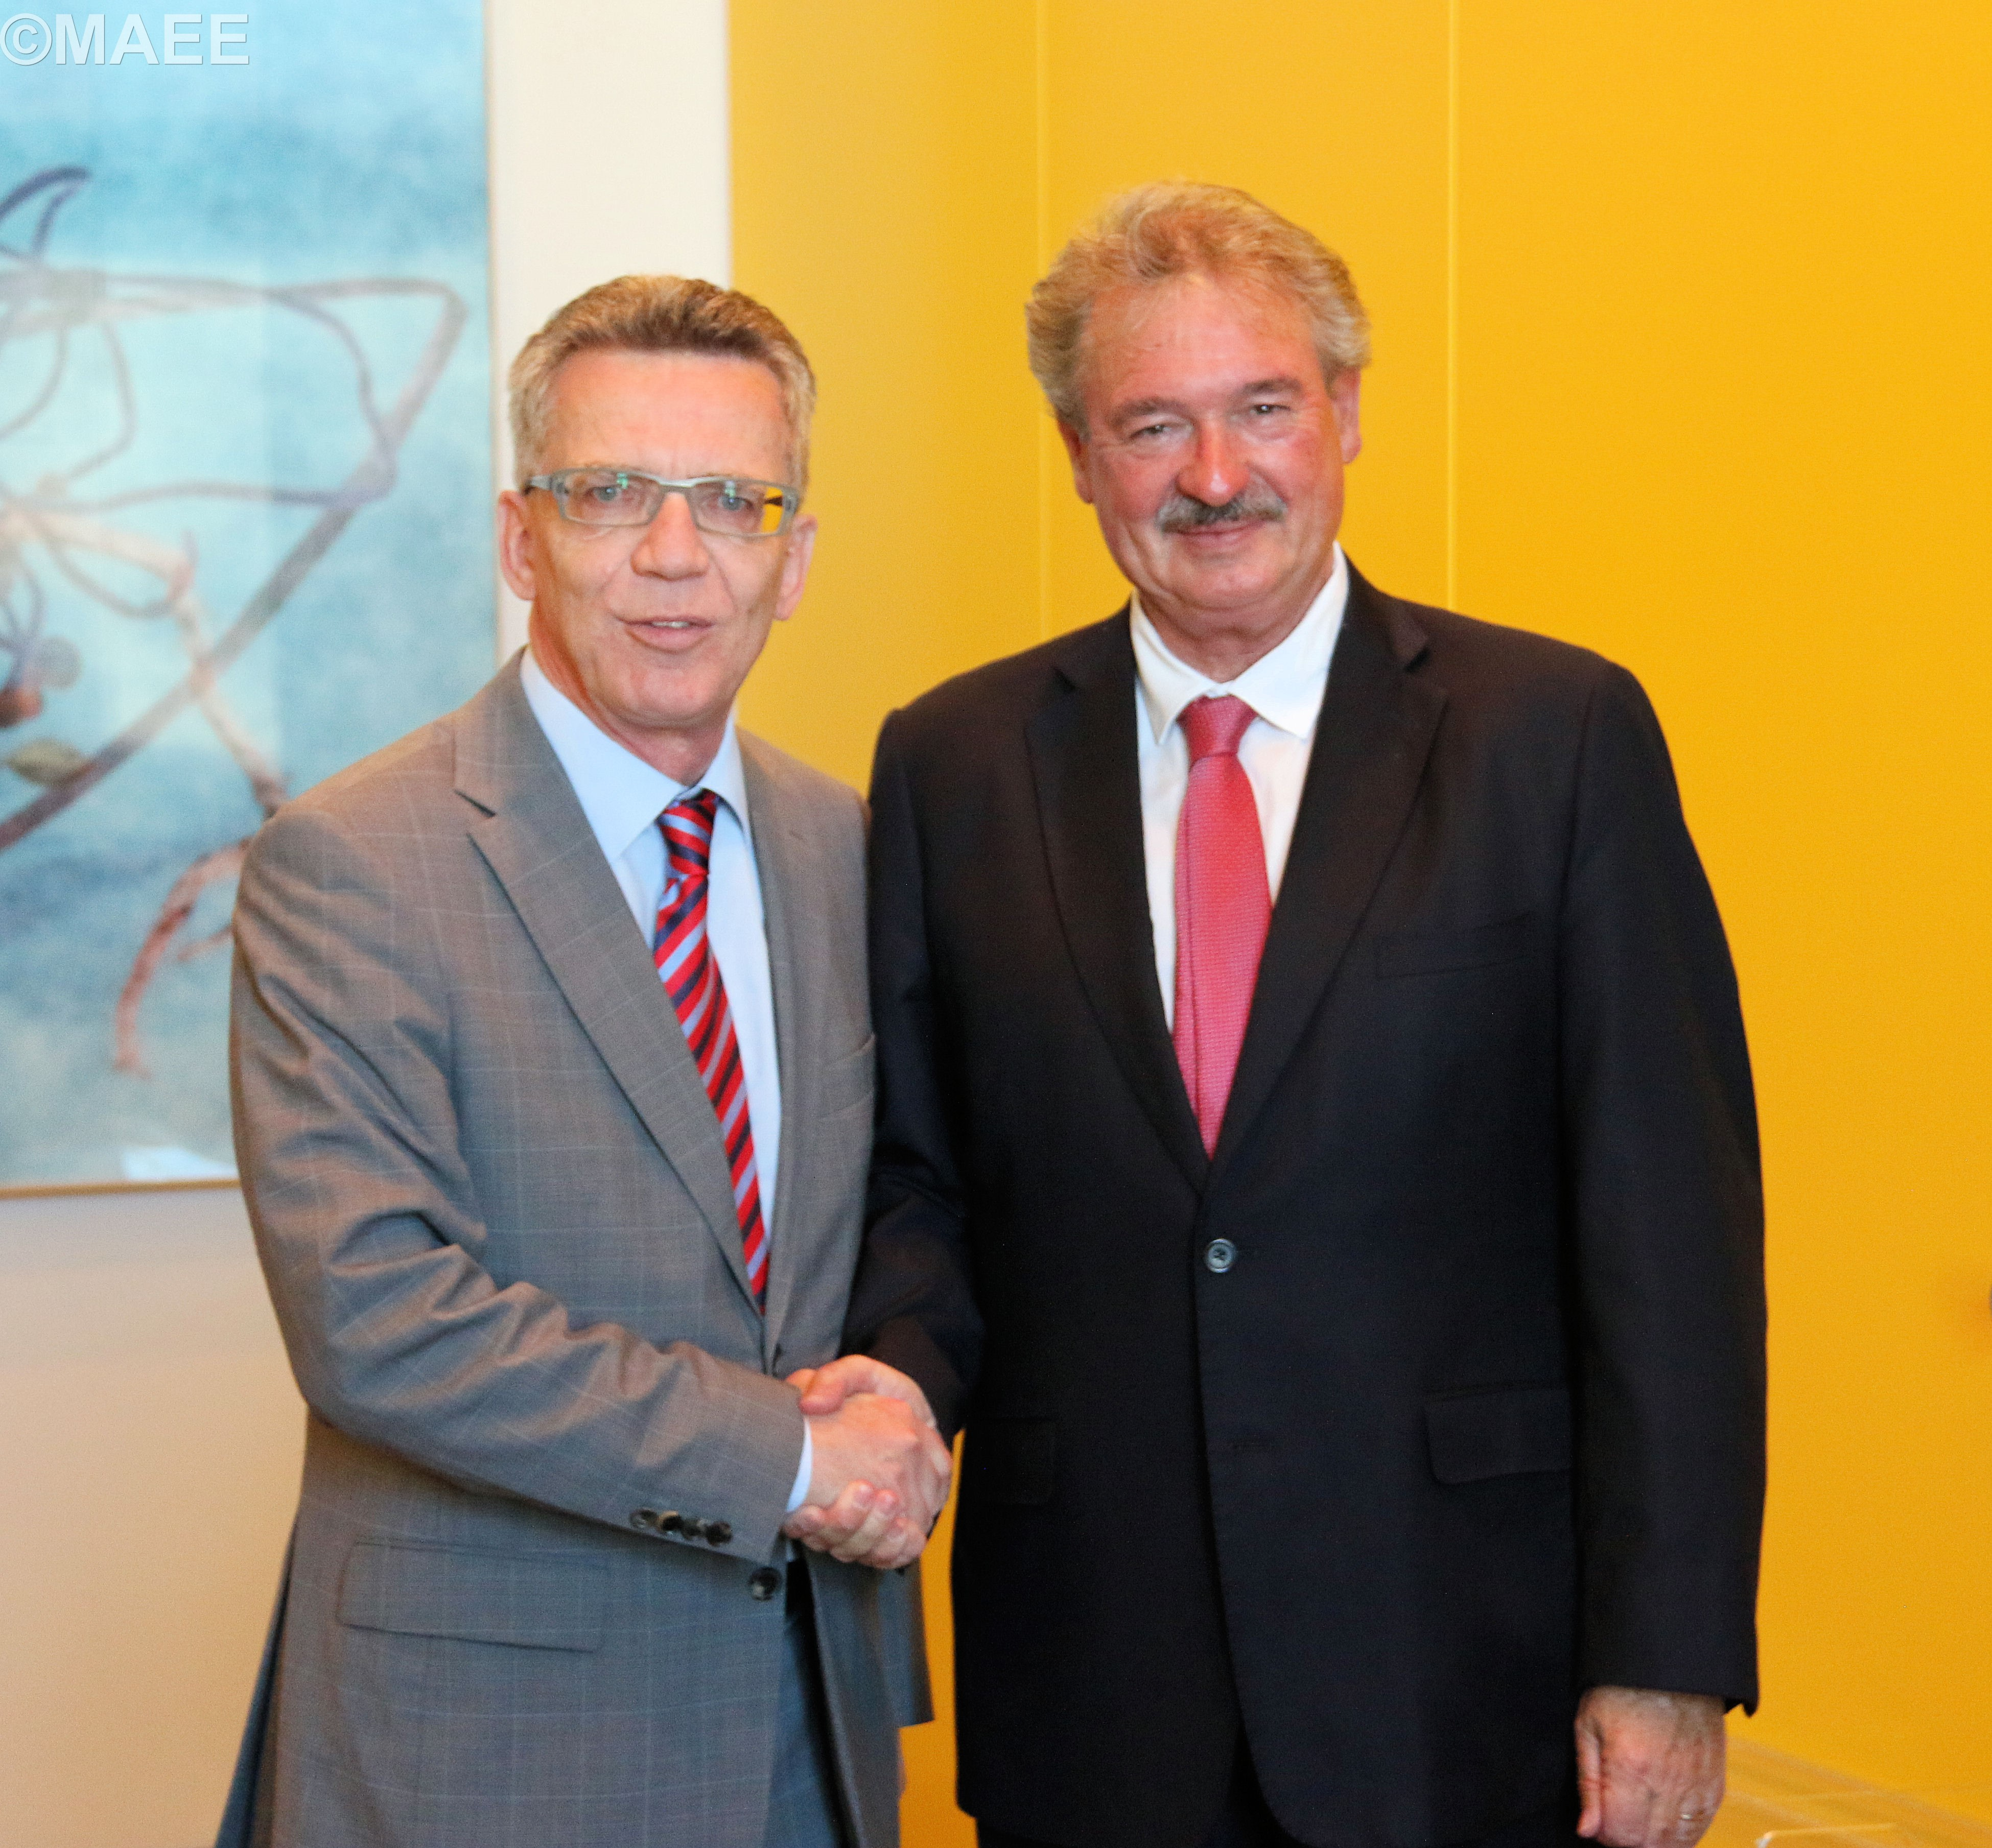 Entrevue de Jean Asselborn avec le ministre fédéral de l\'Intérieur ...